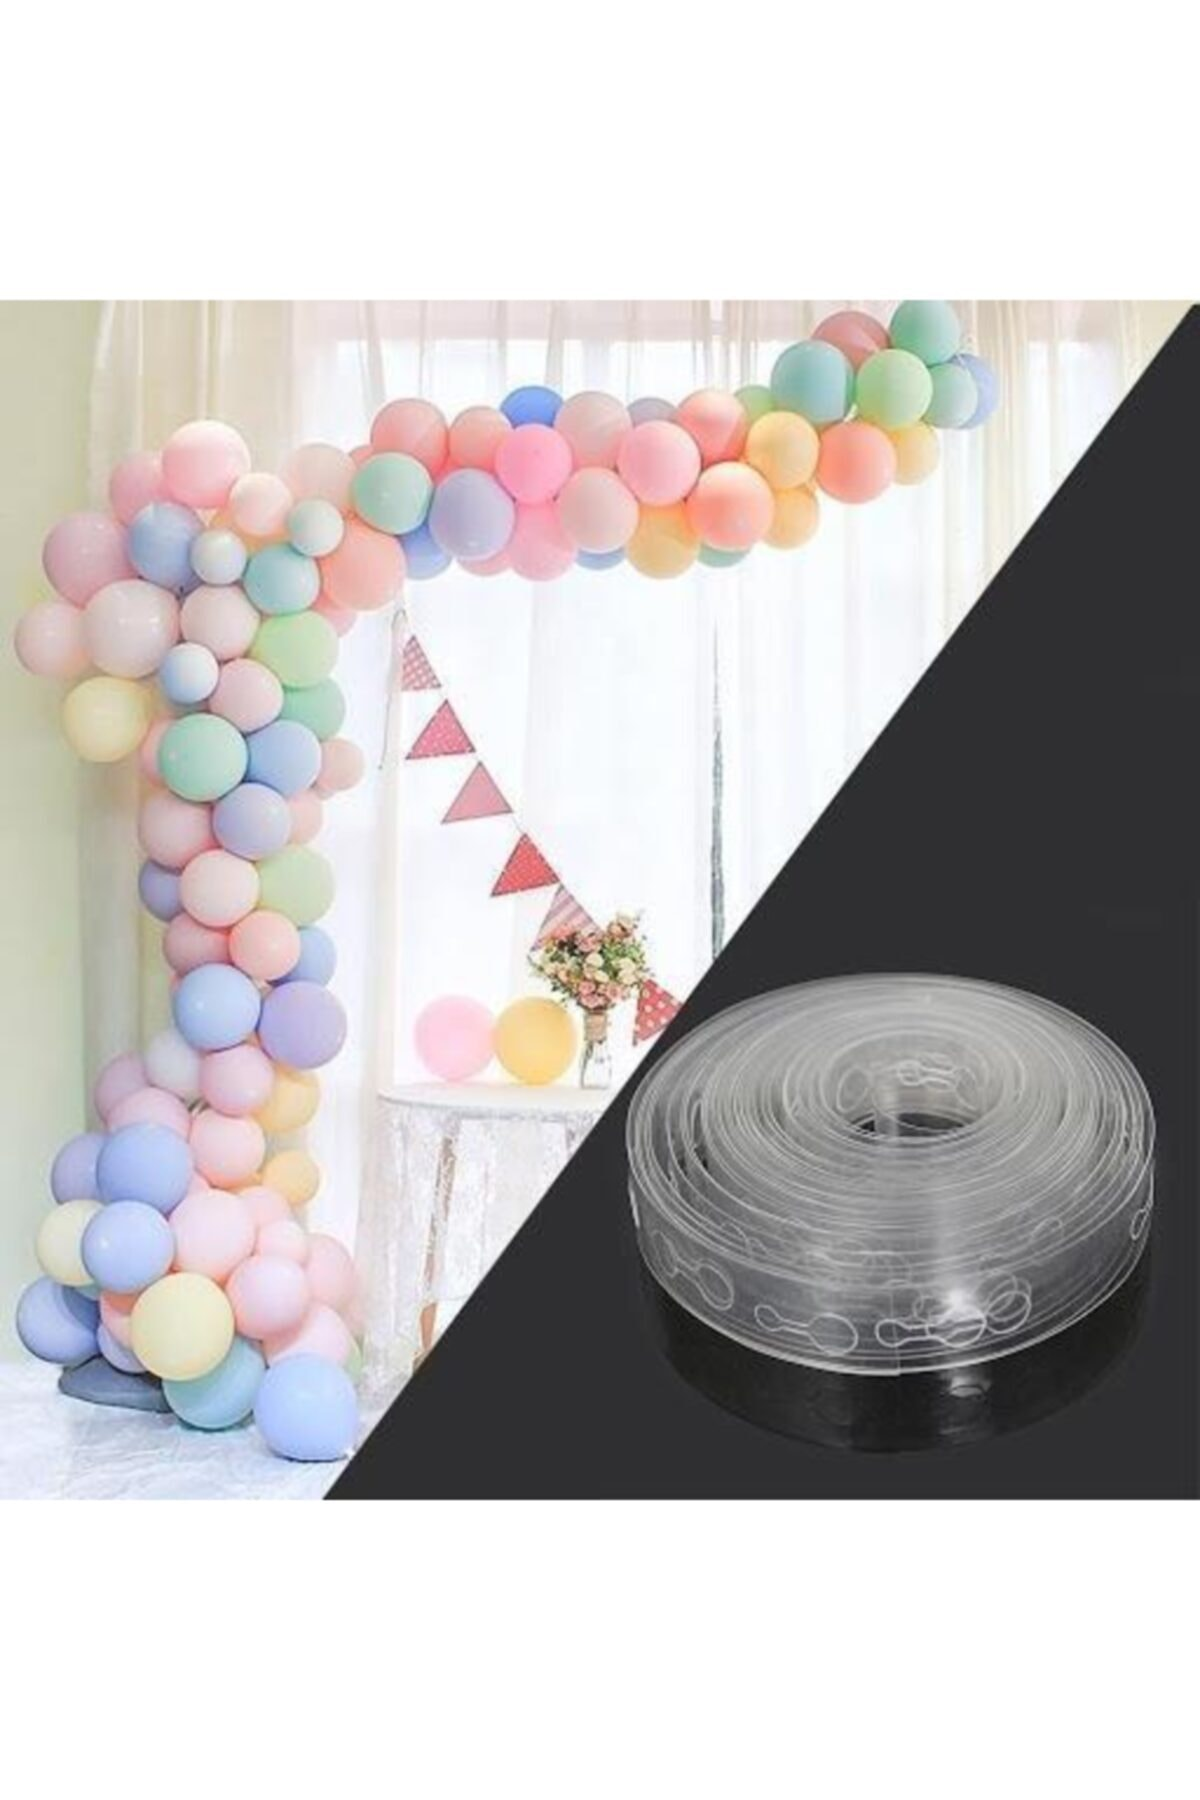 Balon Zinciri - Balon Zinciri Yapma Aparatı -balon Kemeri 5 Metre